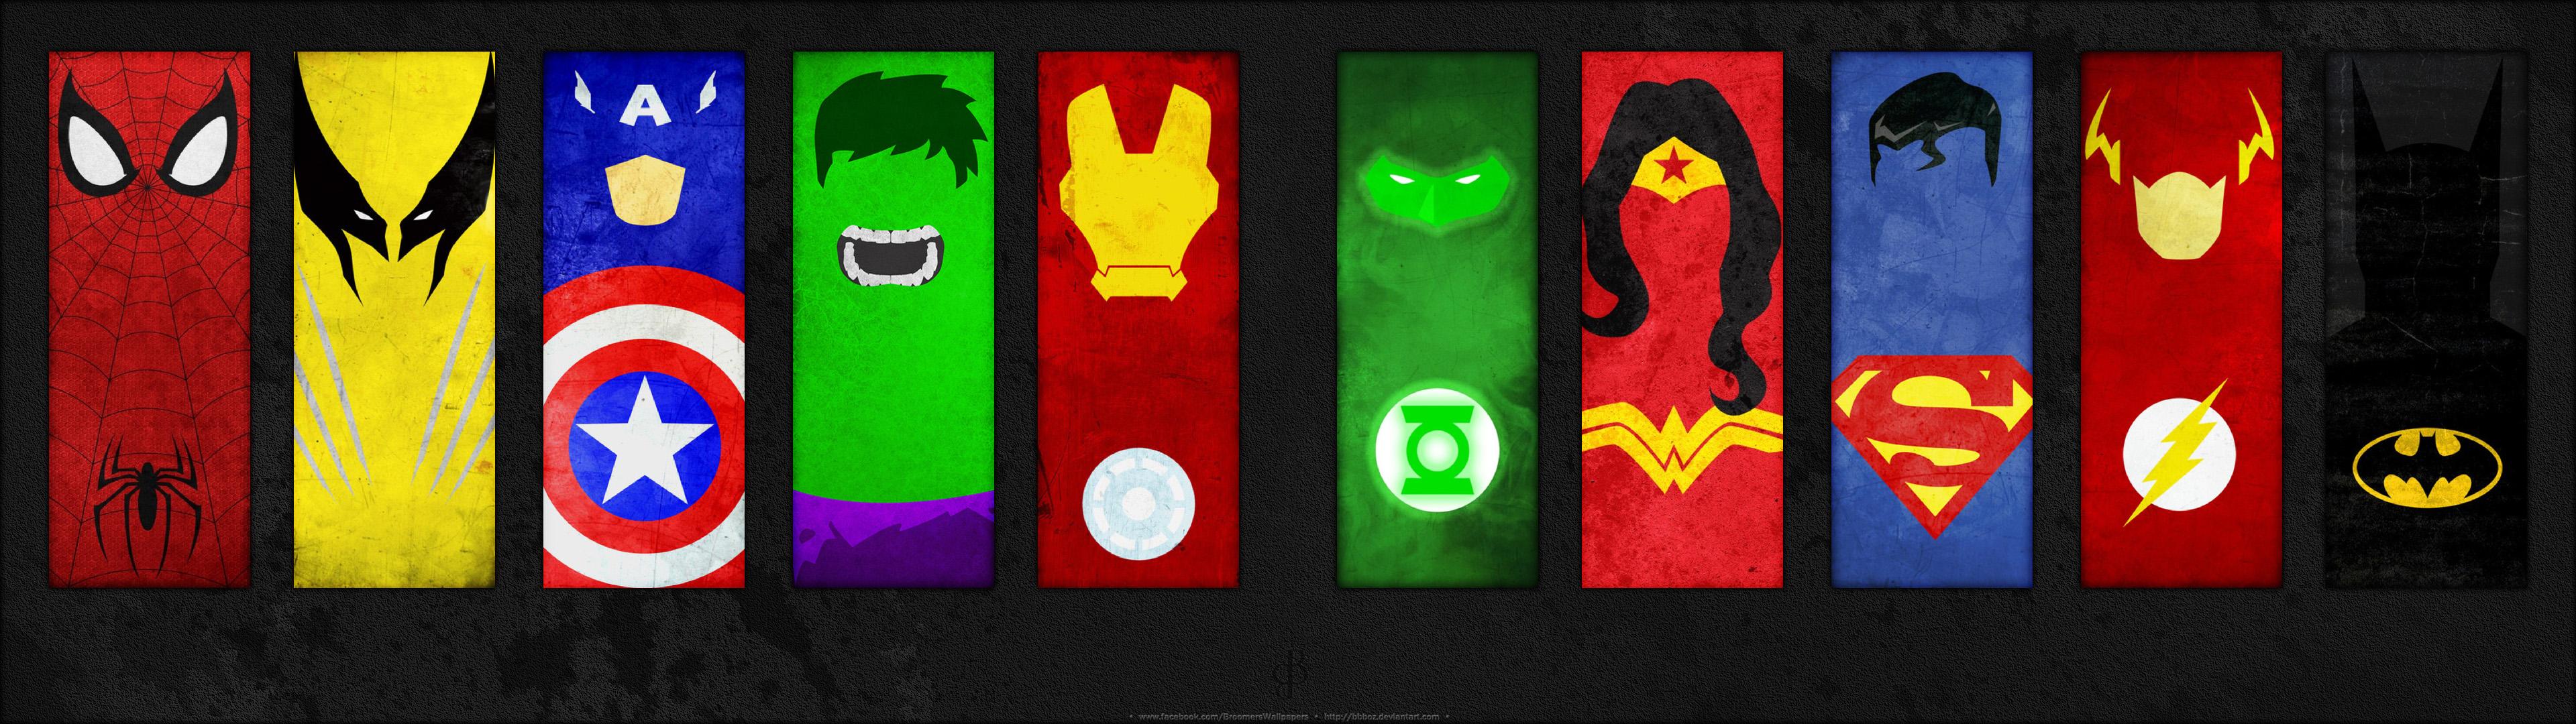 Hd wallpaper justice league - Marvel Dc Wallpapers Wallpapersafari